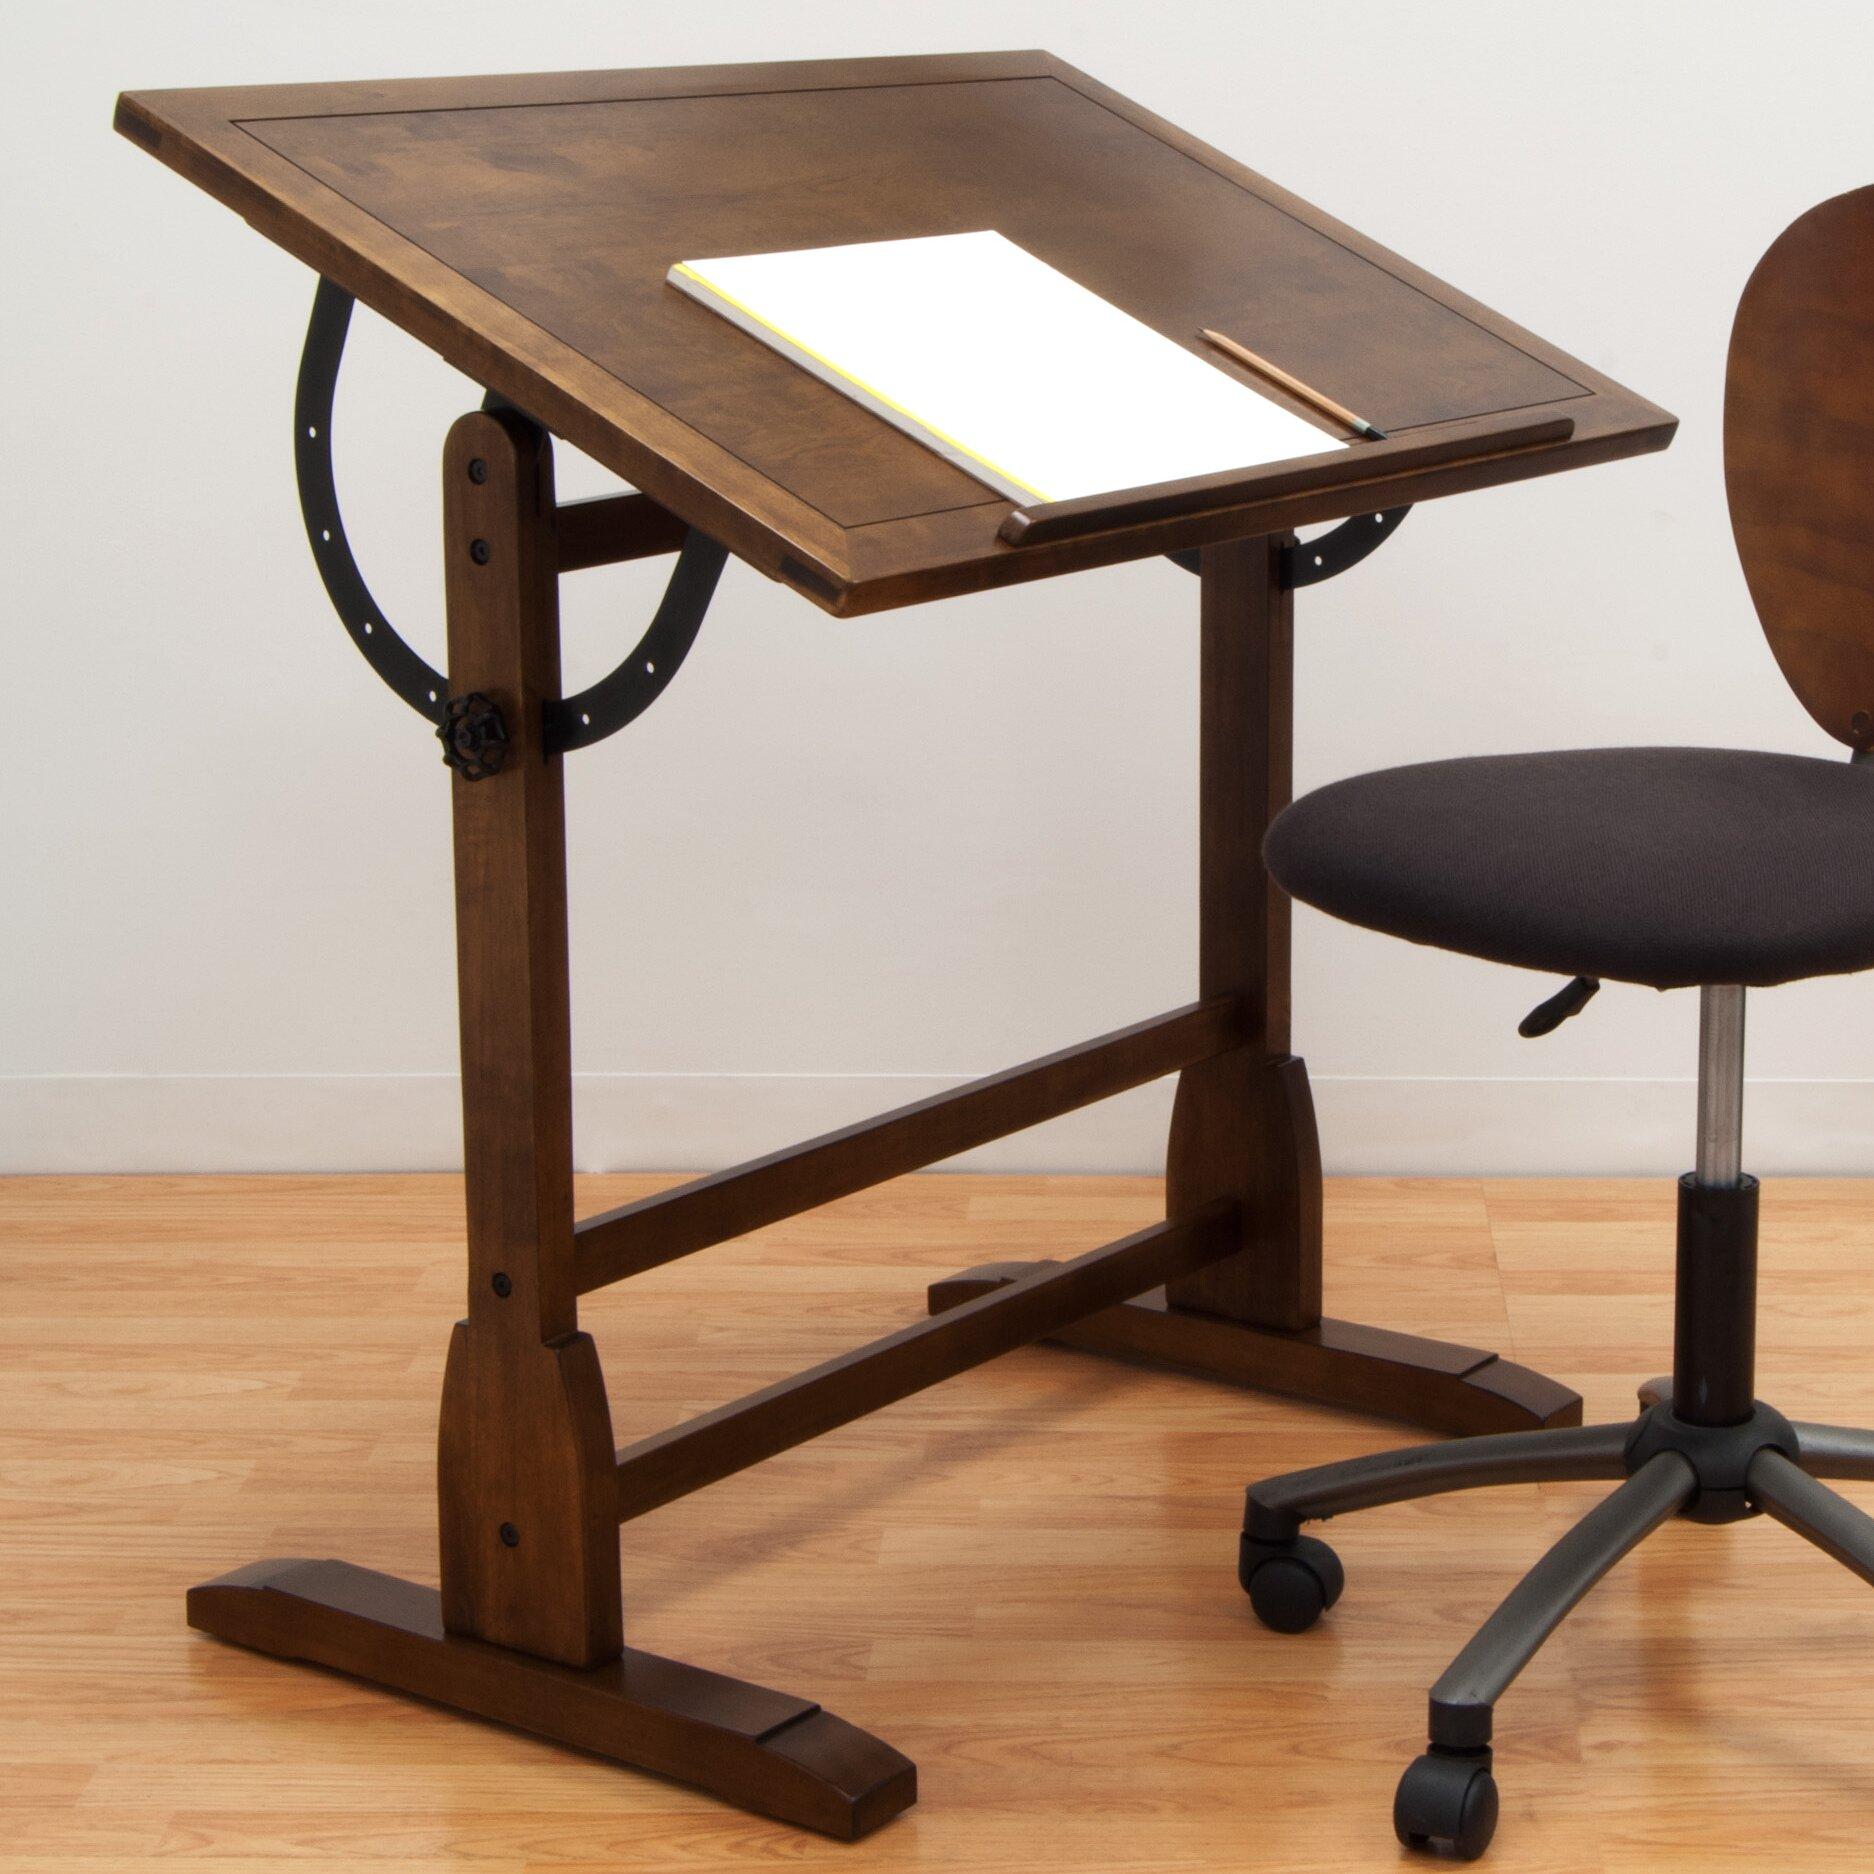 Modern drafting table - Vintage Wood Drafting Table